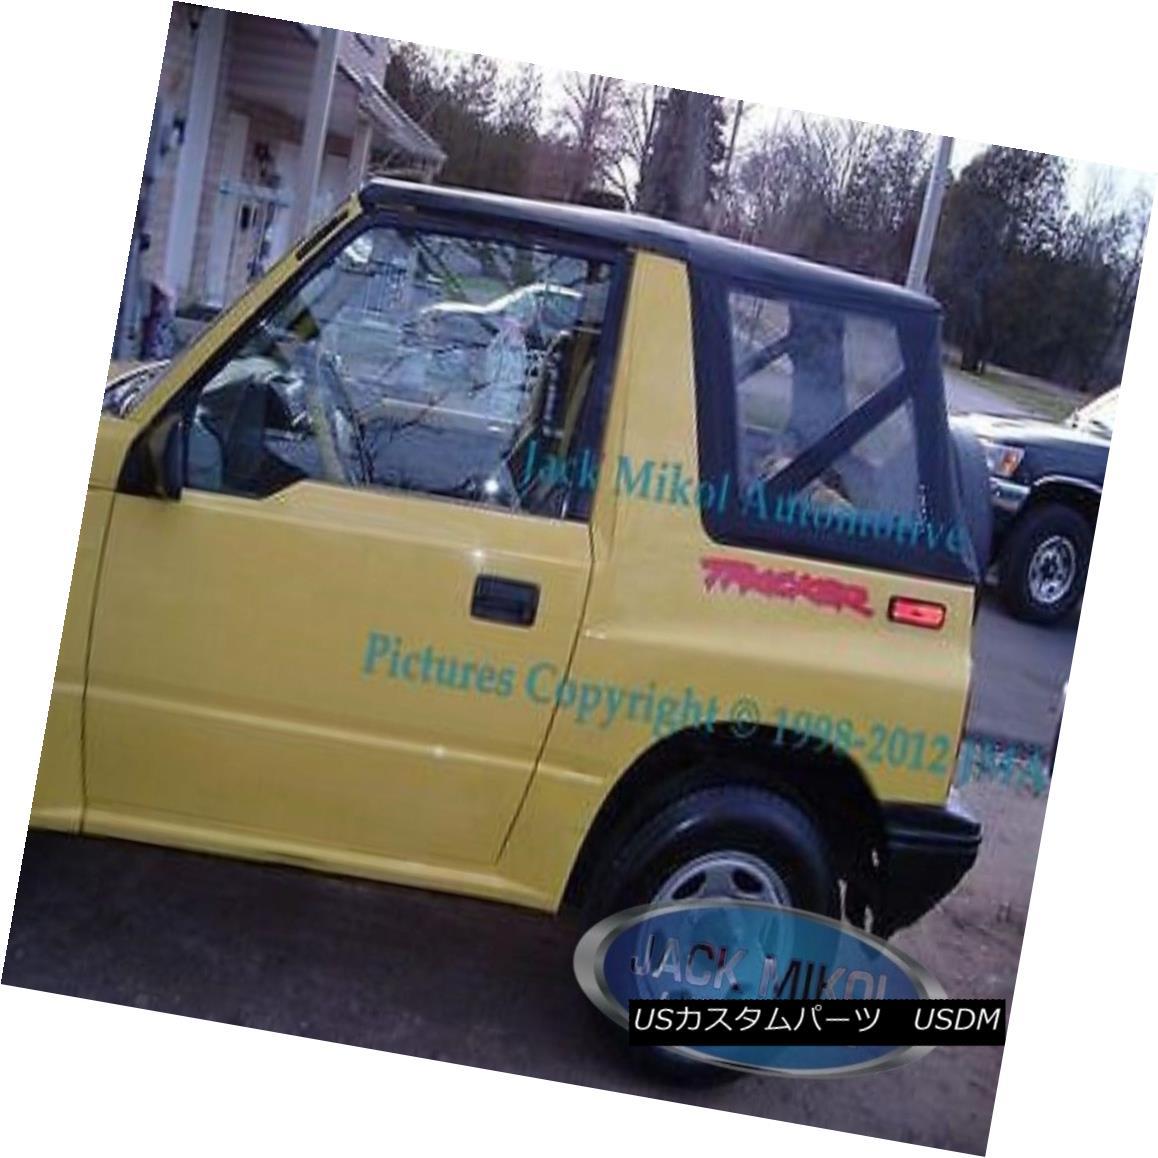 幌・ソフトトップ 1995-1998 Suzuki Sidekick Geo Tracker Replacement Soft Top Black Clear Windows 1995-1998スズキサイドキックジオトラッカー交換ソフトトップブラッククリアウィンドウ